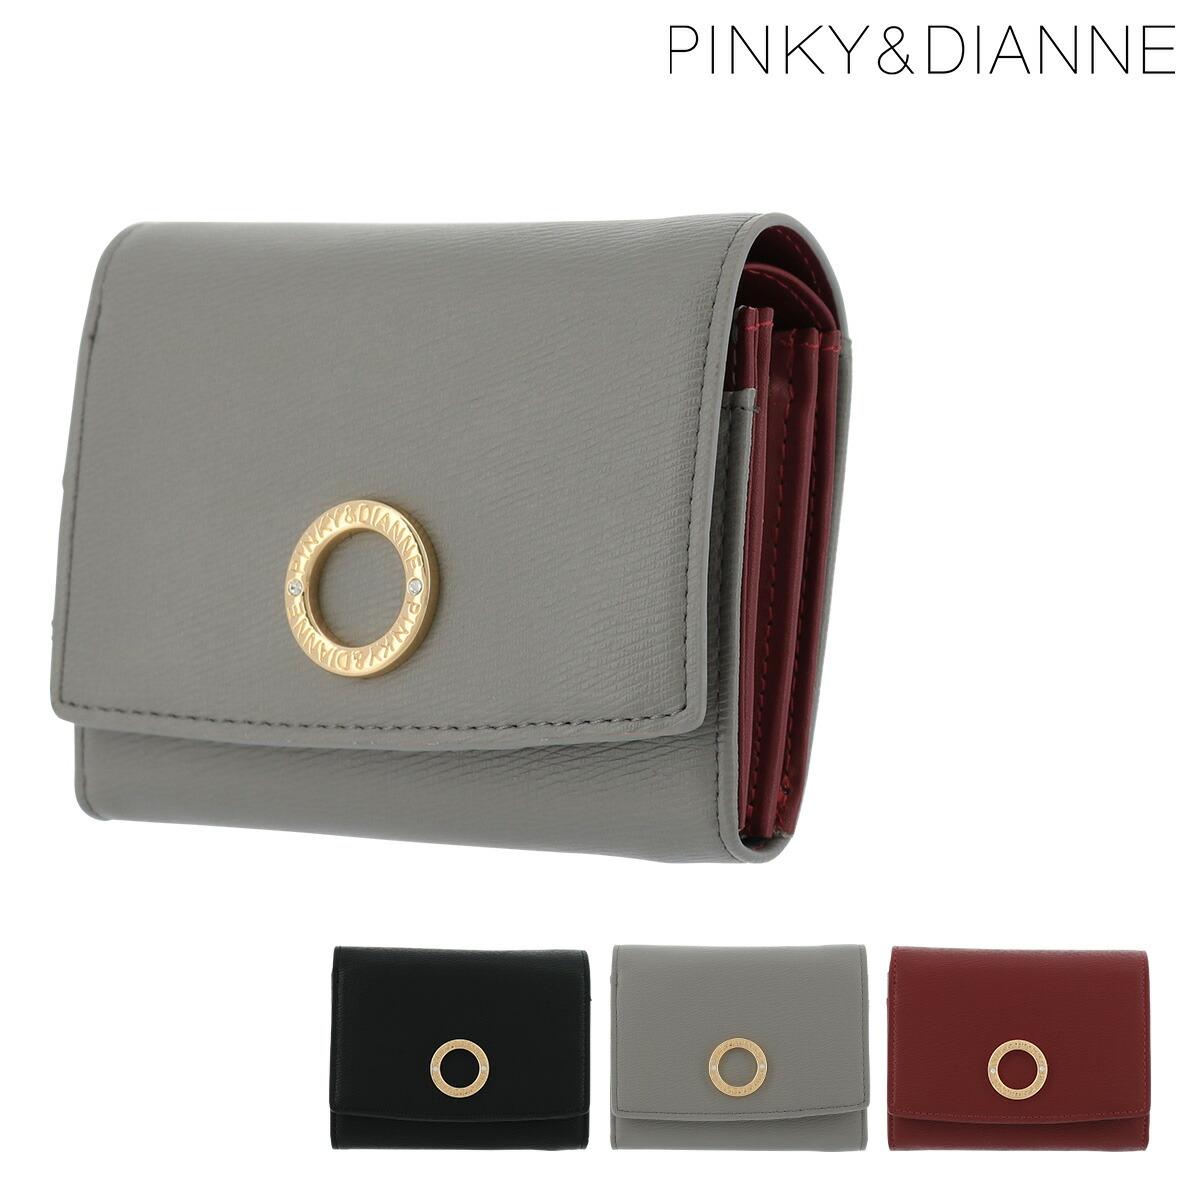 fb17d80740de ピンキー&ダイアン 二つ折り財布 ビンテージ レディースPDLW9DS4 PINKY&DIANNE | ブランド専用BOX付き の通販 | SAC'S  BAR サックスバー